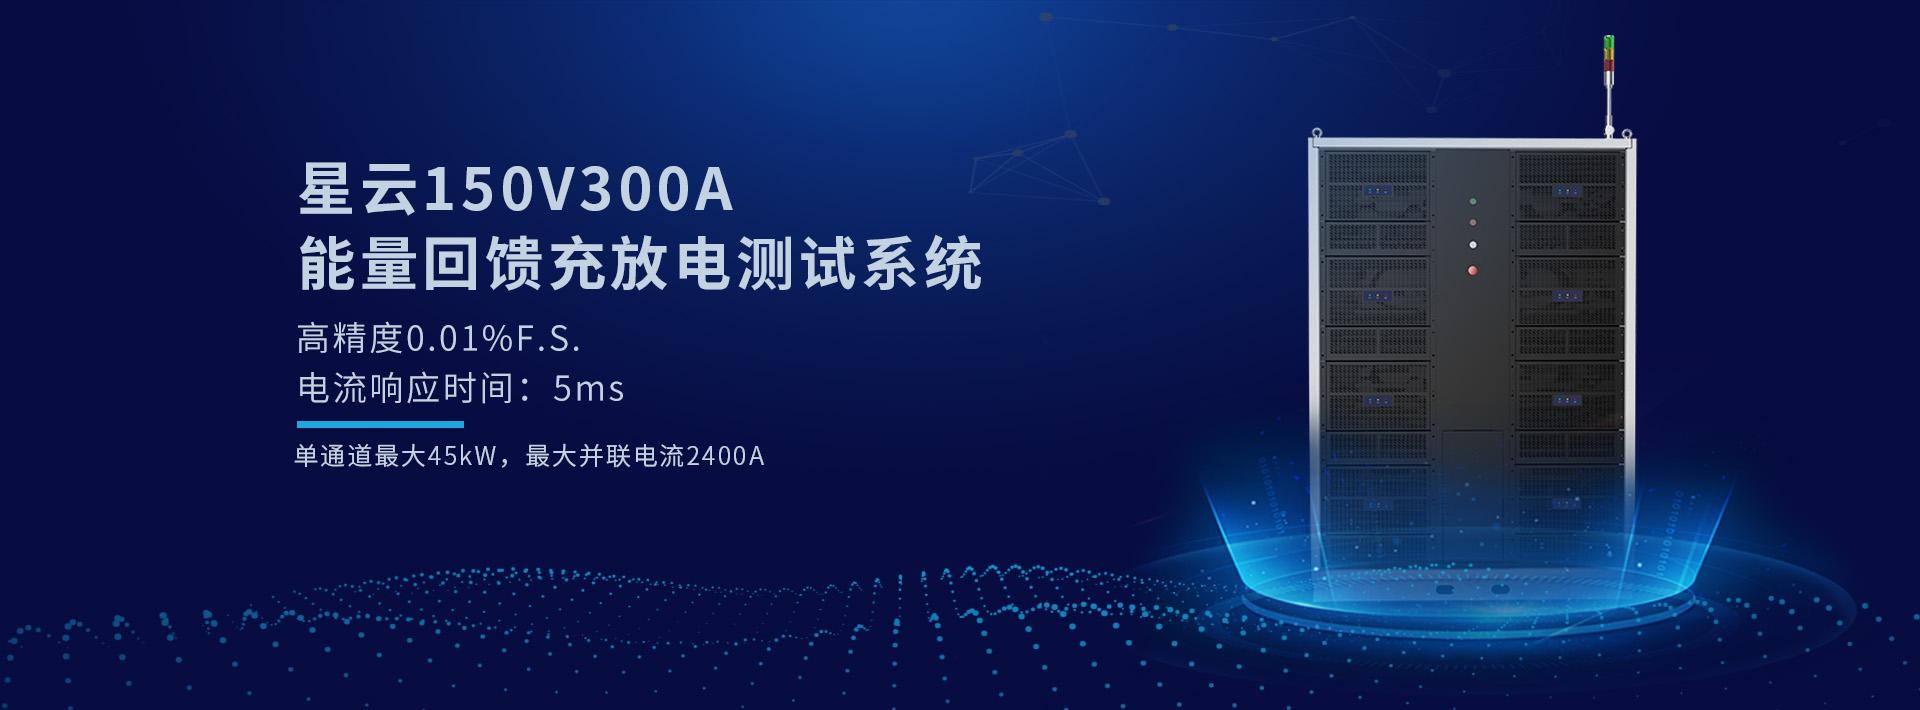 官网banner-150300